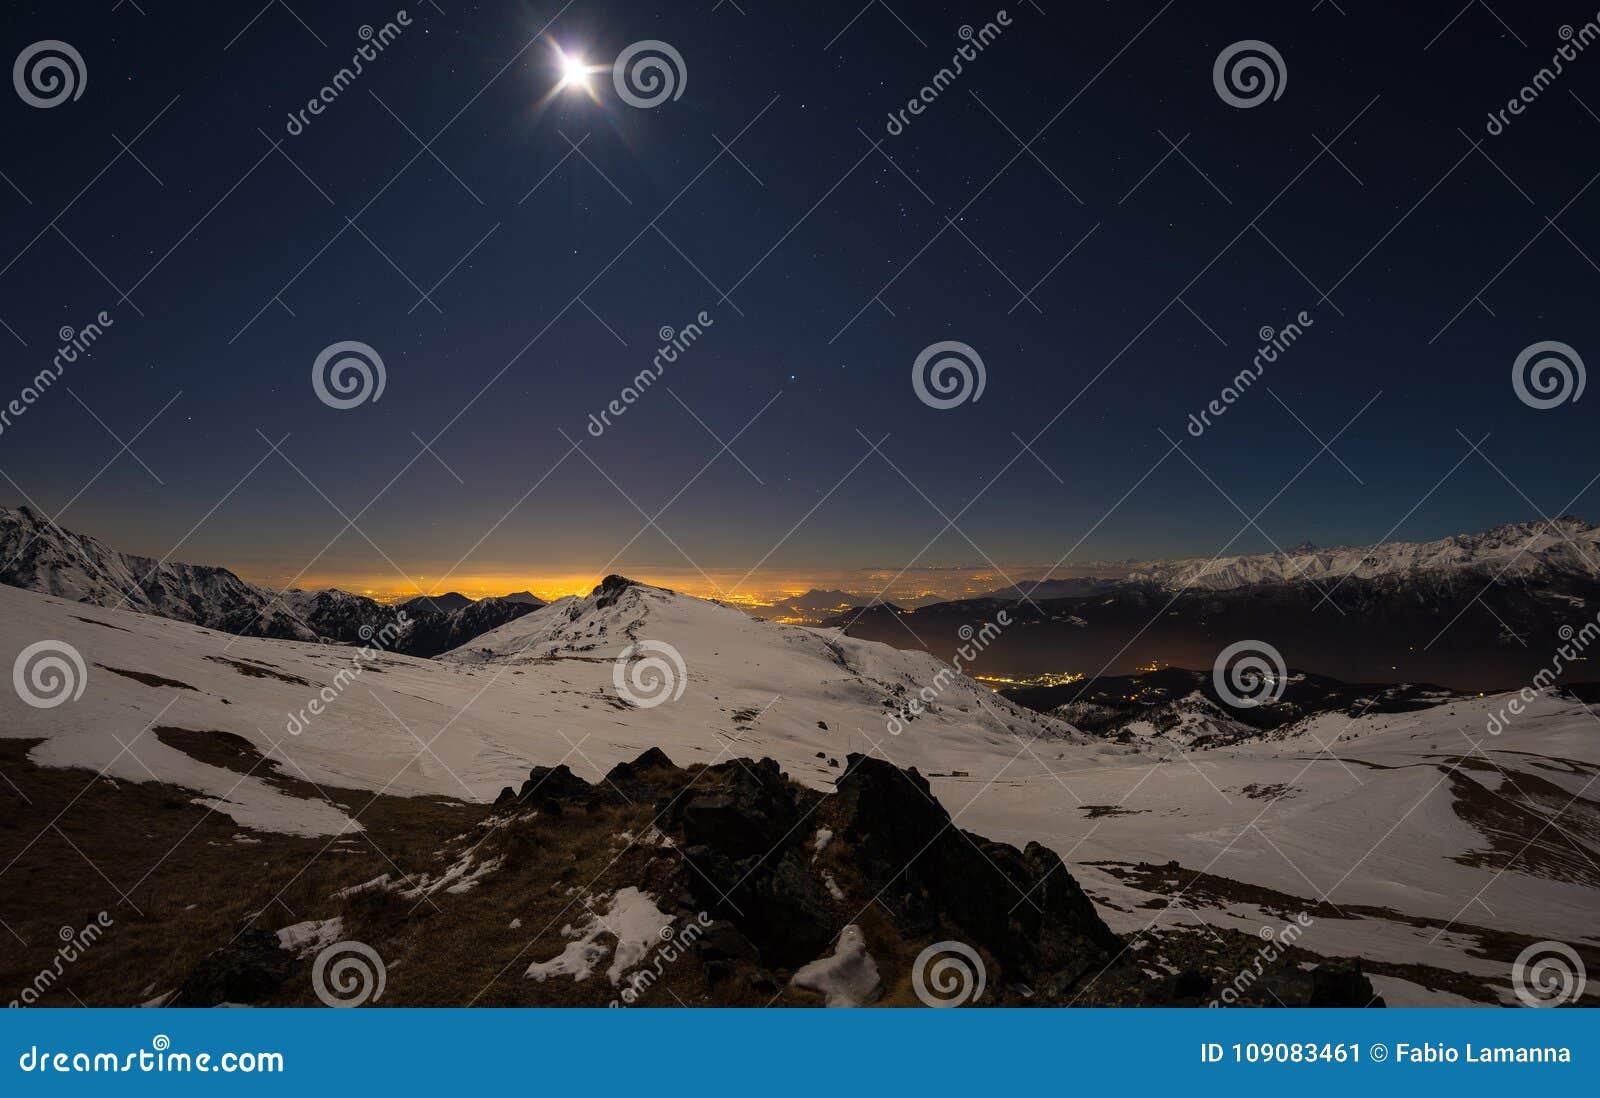 Turyn miasto zaświeca blaskiem księżyca, noc widok od śniegi zakrywających Alps Księżyc i Orion gwiazdozbiór, jasny niebo, fishey